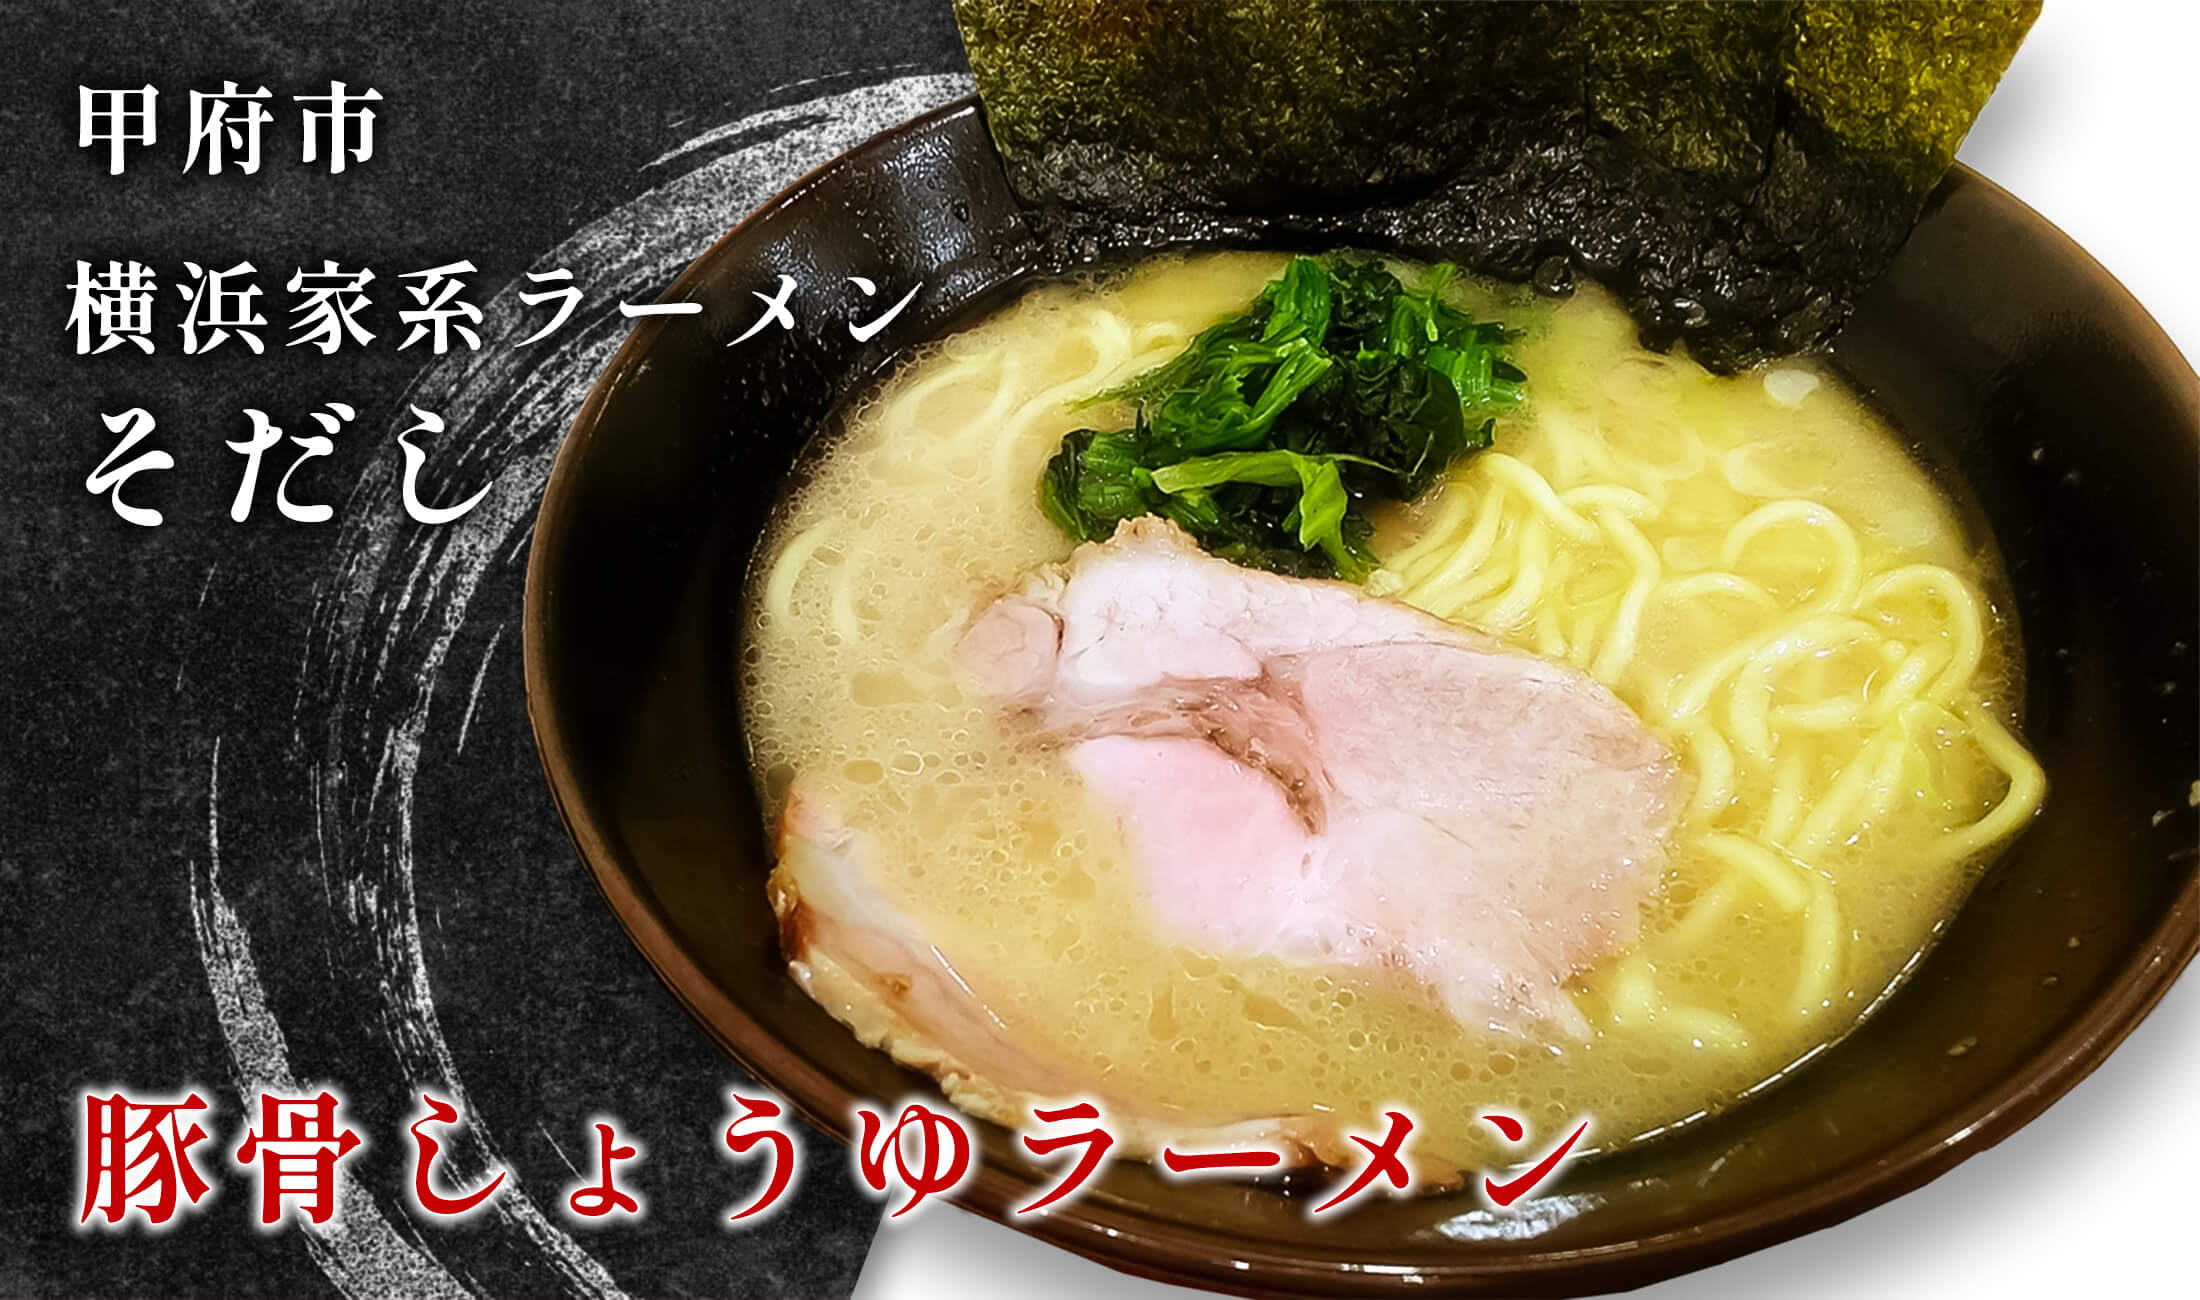 甲府市 横浜家系ラーメン そだし 豚骨醤油ラーメン